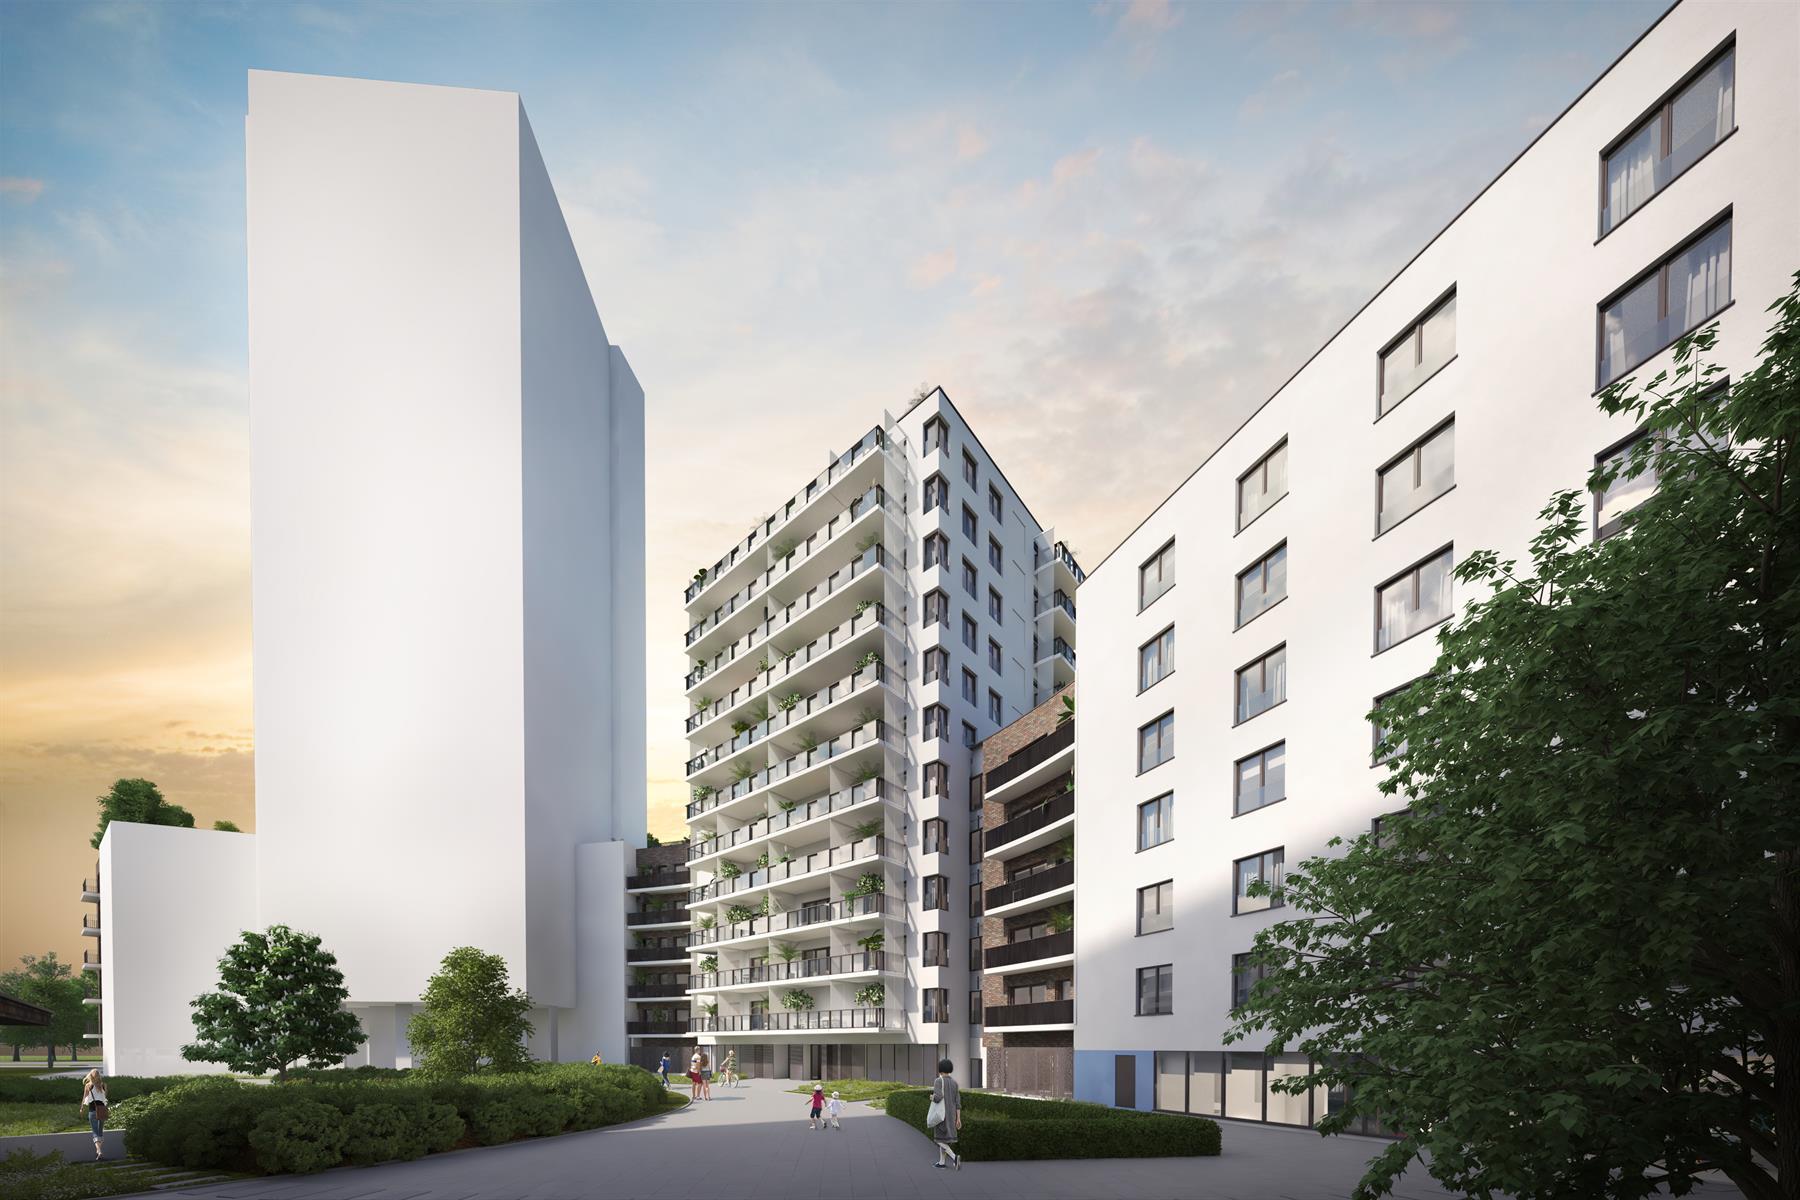 Flat - Ixelles - #4360974-7